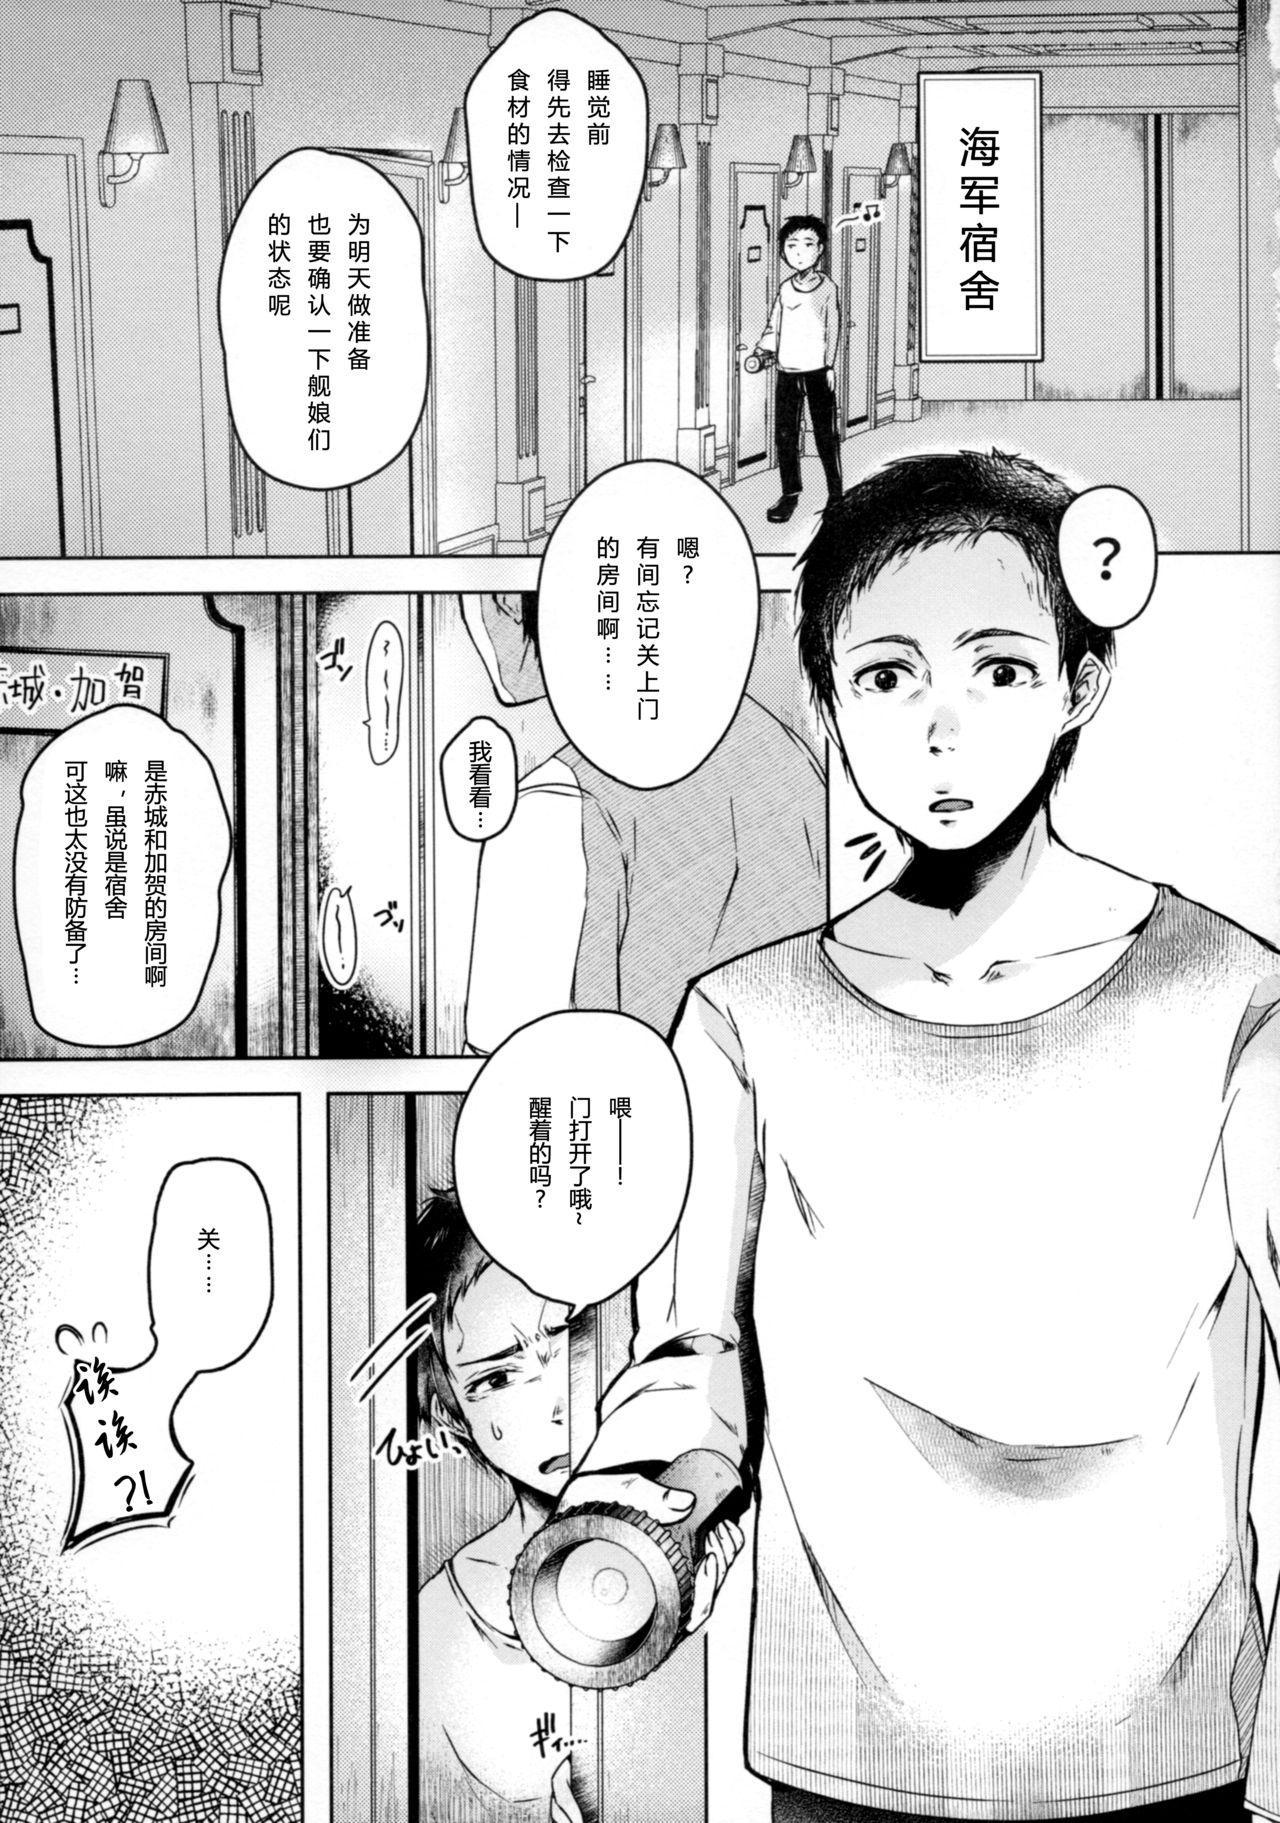 Hatsujou Kitsune ni Asobarete... 2